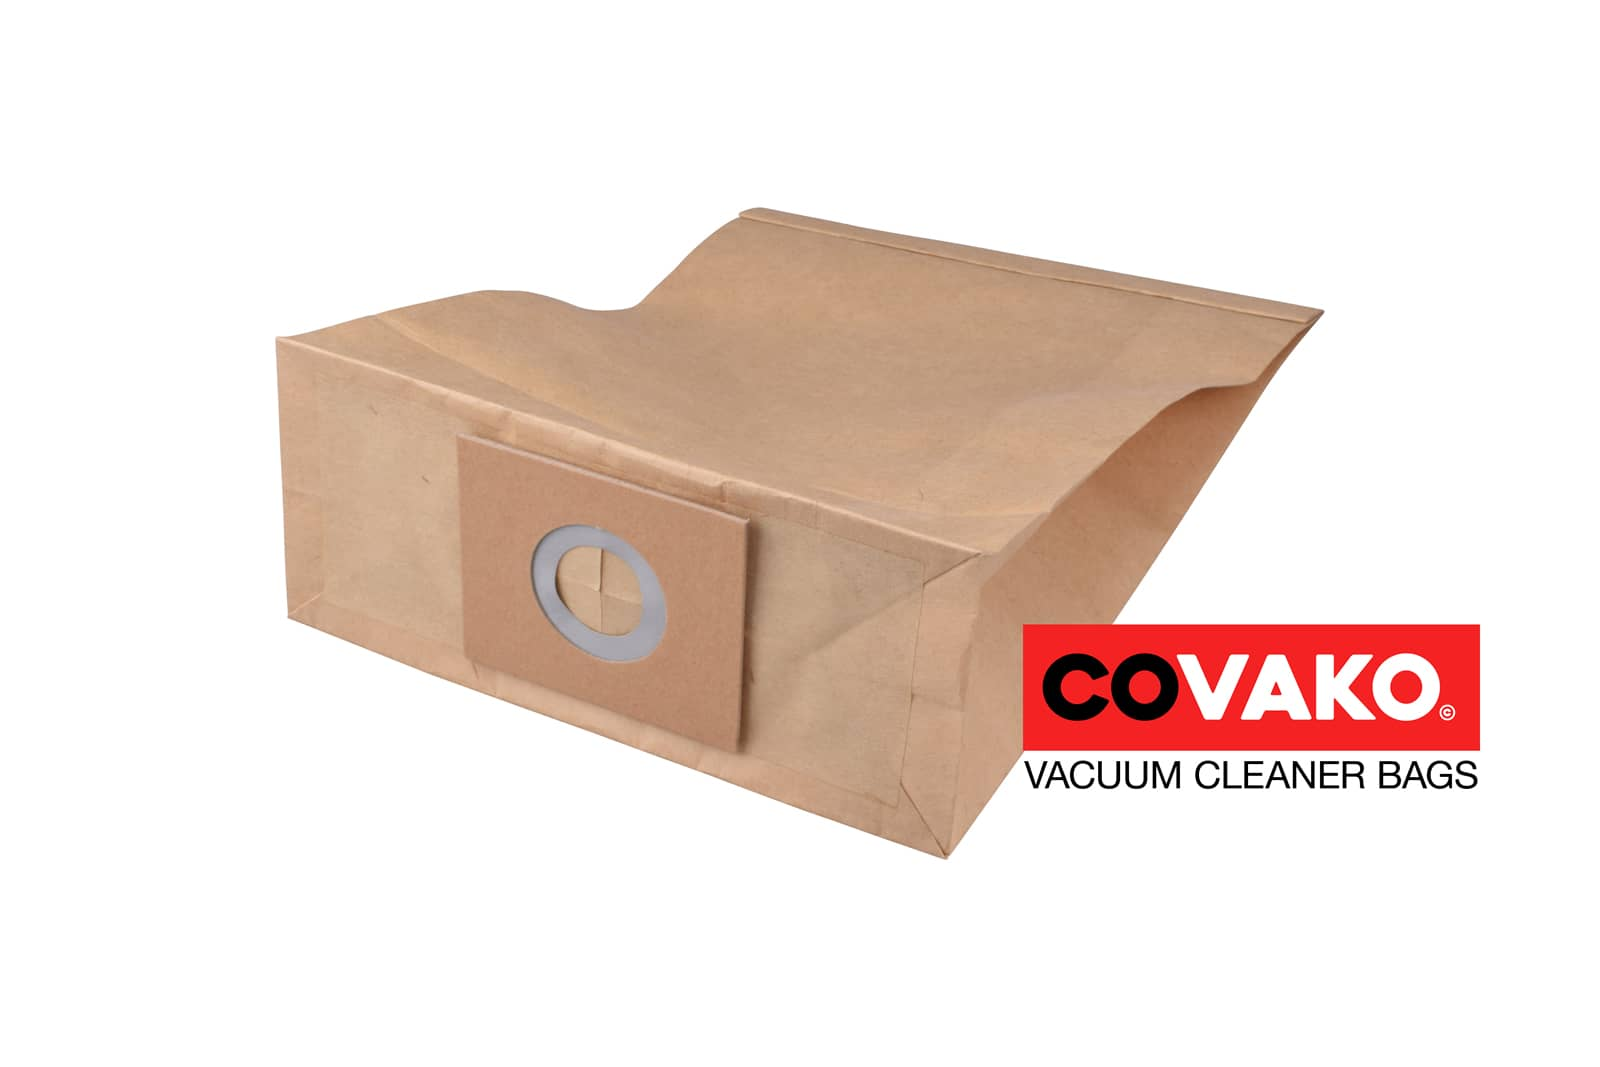 Comac Dryver 10R / Papier - Comac sacs d'aspirateur